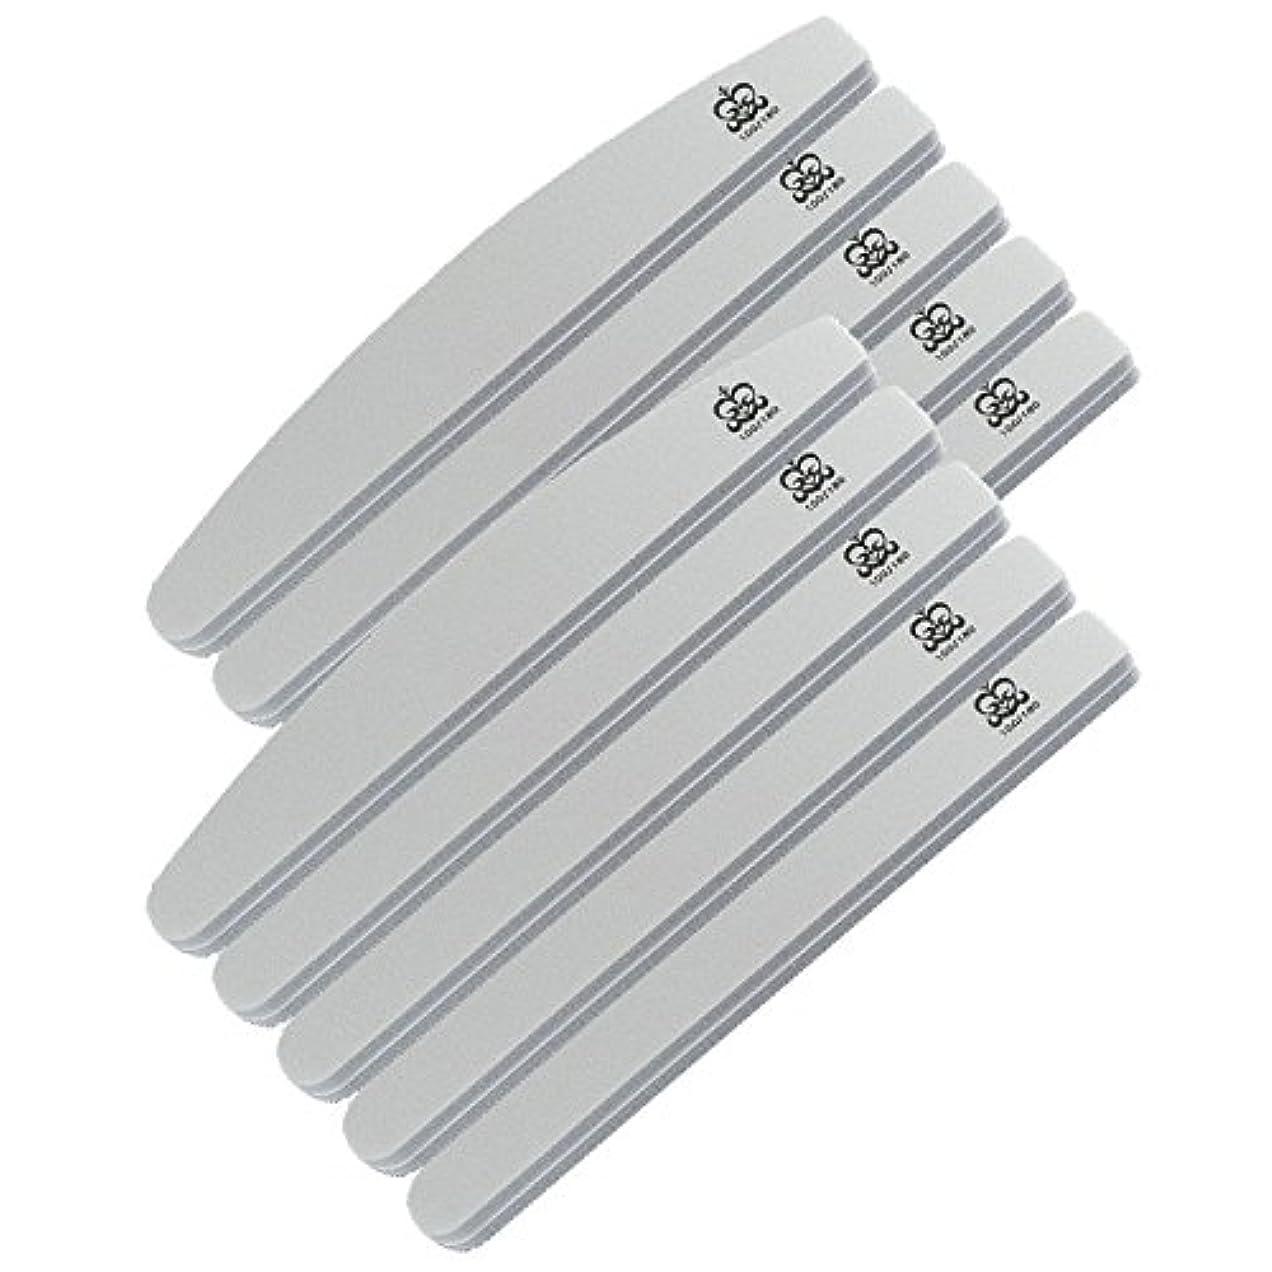 親指口述する商品ミクレア(MICREA) ミクレア プロフェッショナルスポンジファイル バリューパック ムーン型 100/180 10本入